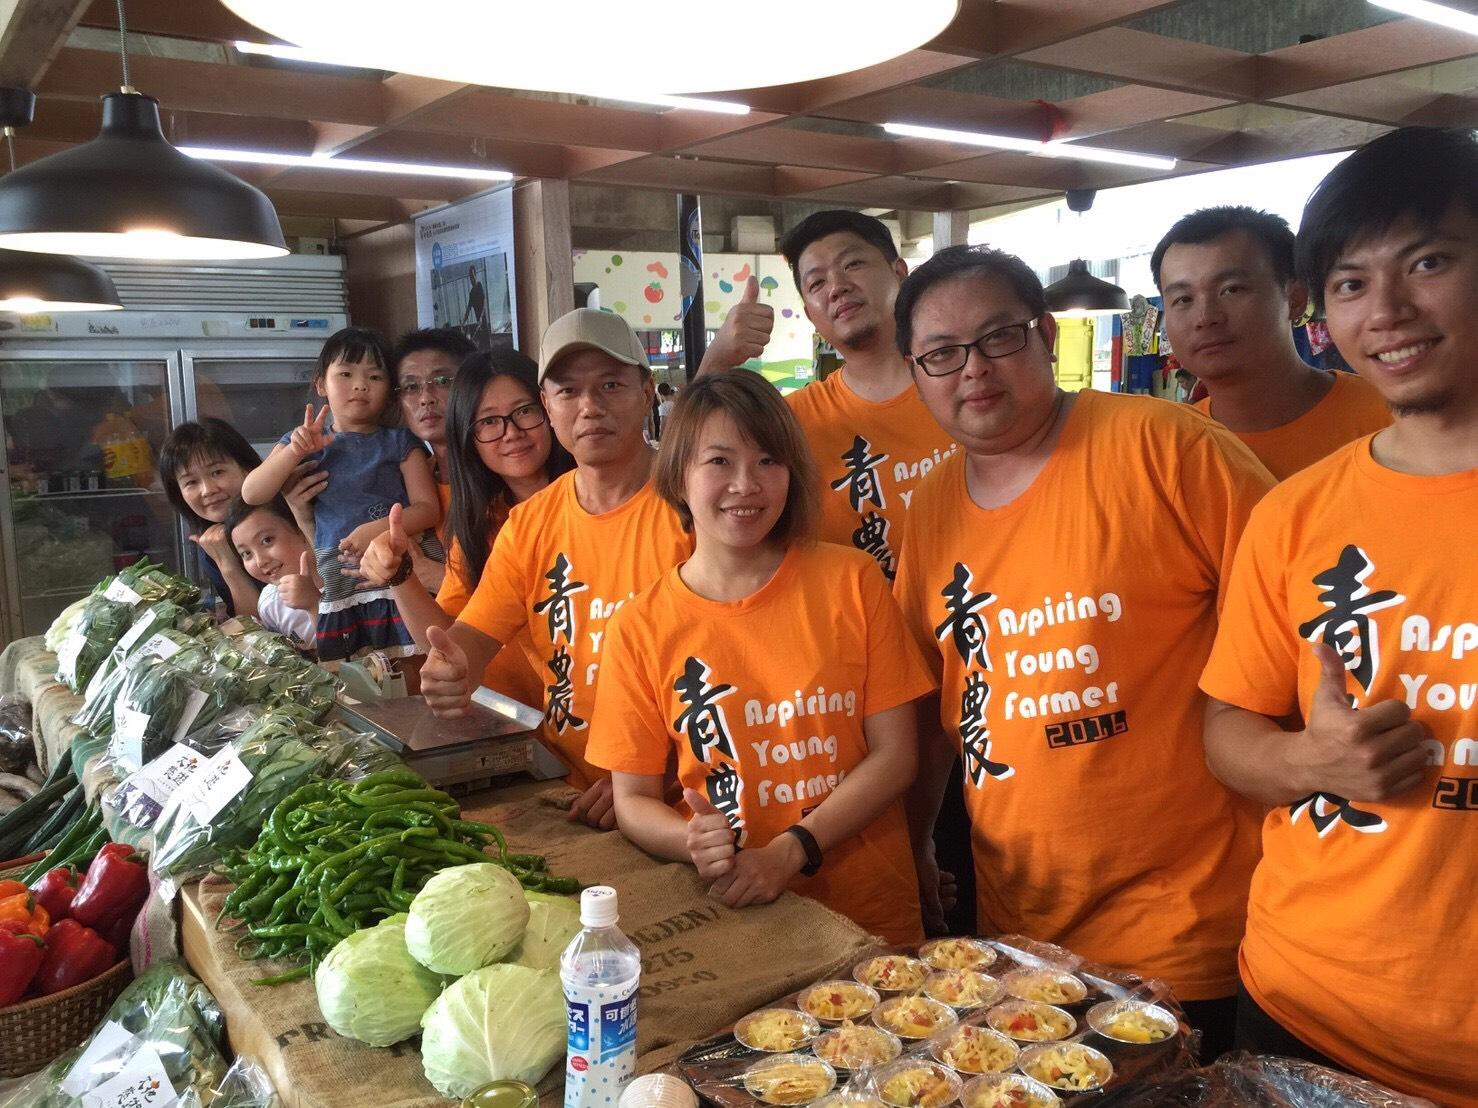 通稿照片-活動邀請青農江俊鴻使用經過有機認證的蔬果,示範如何料理有機料理套餐,讓民眾一起來品嚐最安心、健康的有機蔬菜,展現出「健康_農」元素.jpg